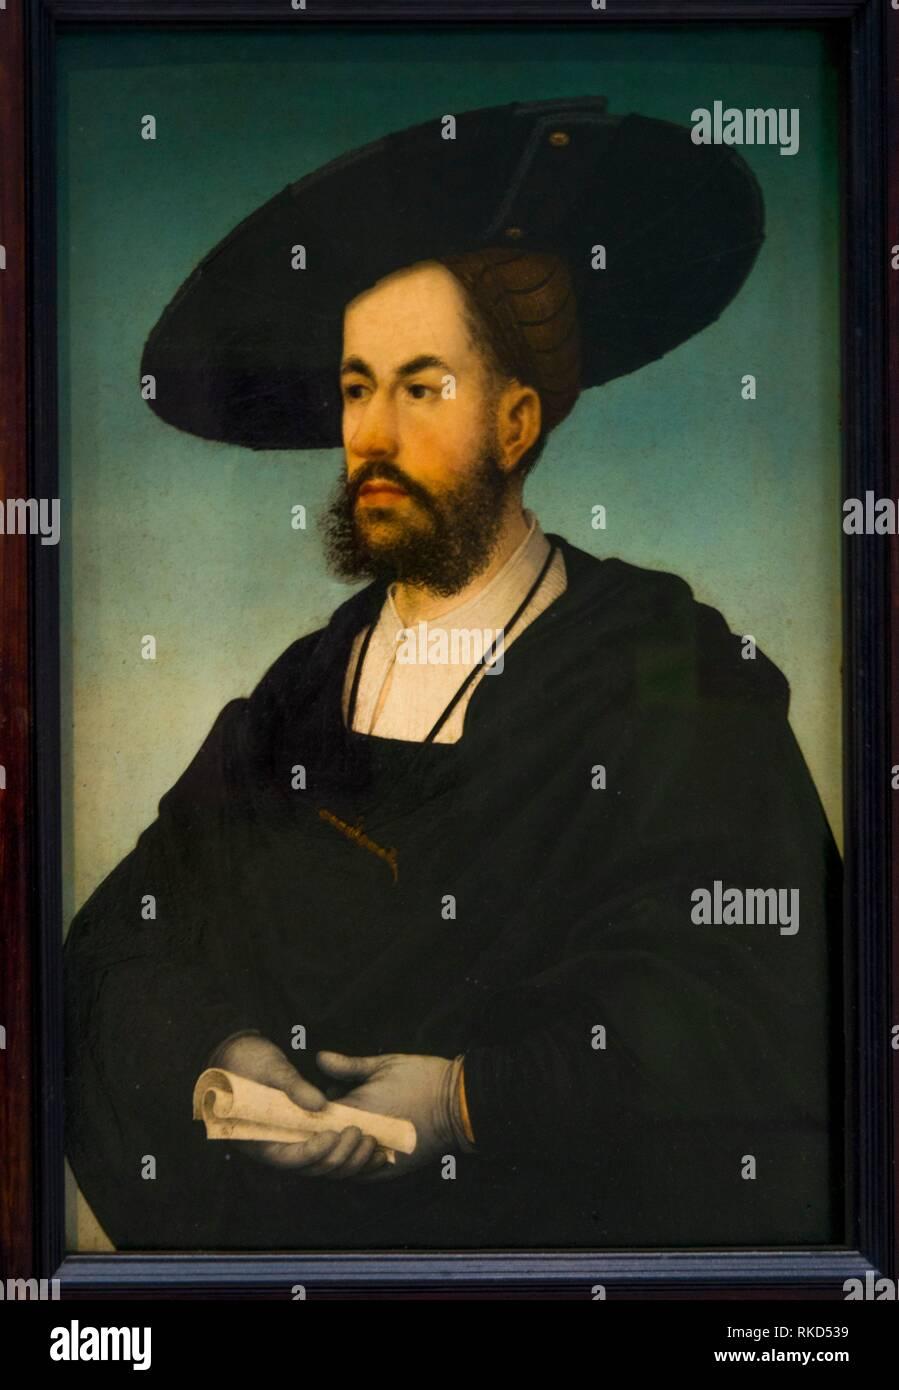 France, Hauts de France. Pas de Calais. Louvre-Lens Museum: Painting by Hans Maler (1480-1529) of Anton Fugger (June 10, 1493 – September 14, 1560) - Stock Image